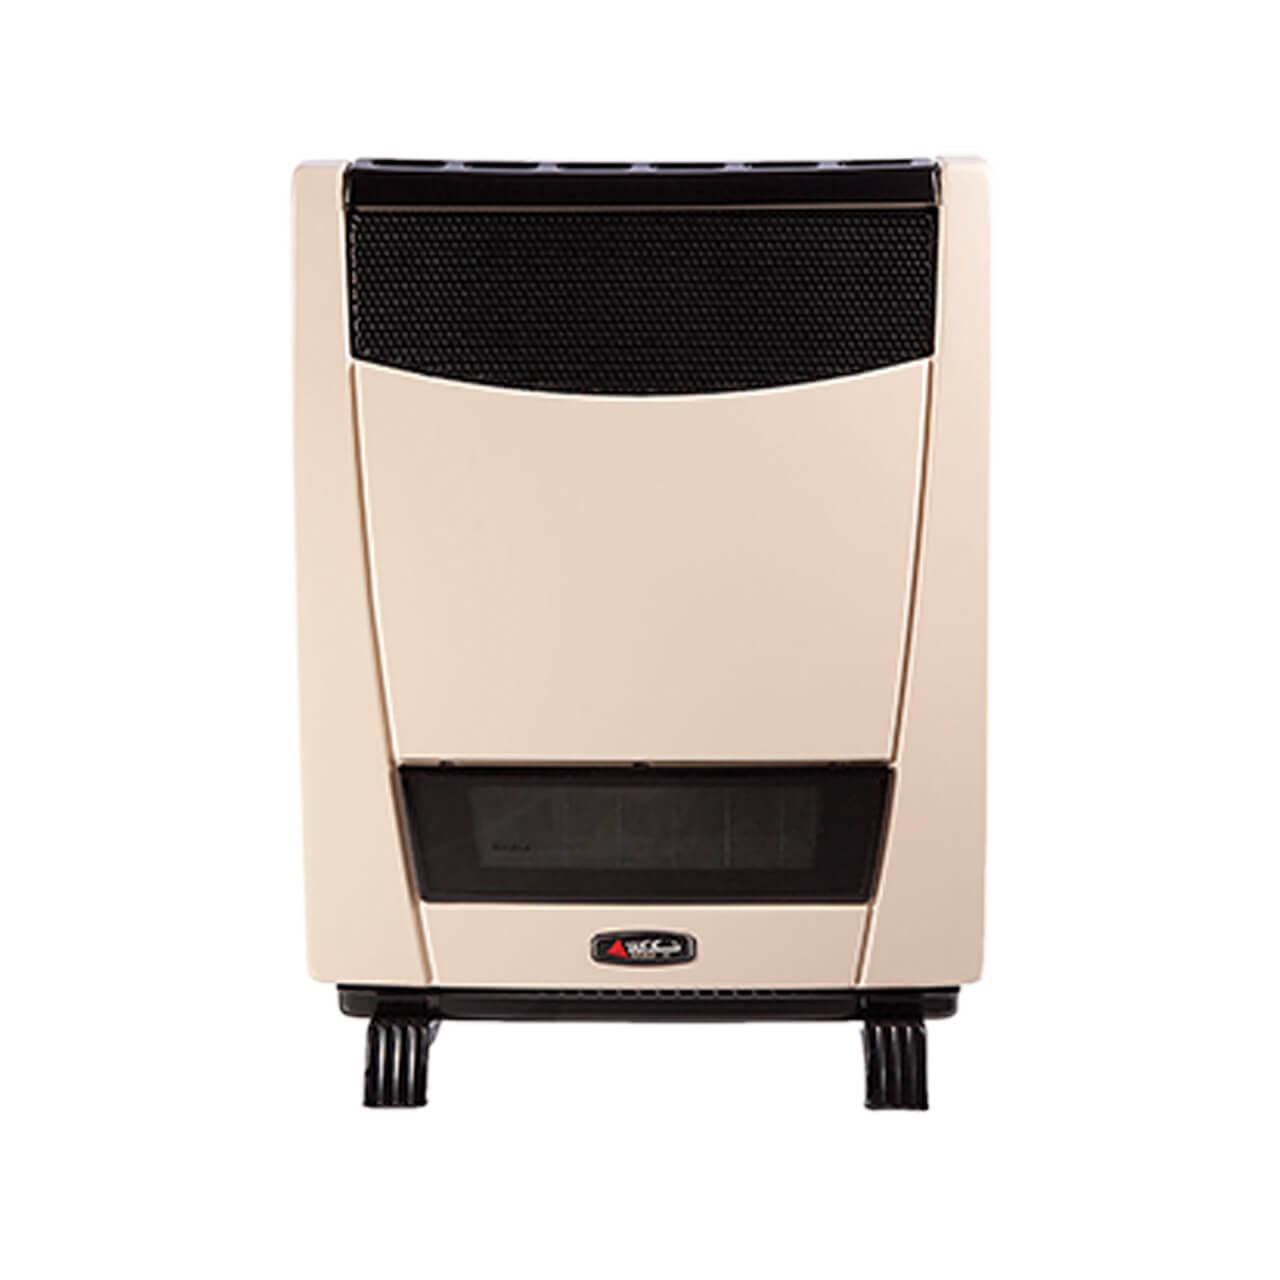 بخاری گازی با دودکش نیک کالا | هوشمند Nicala Gas Heater AB7